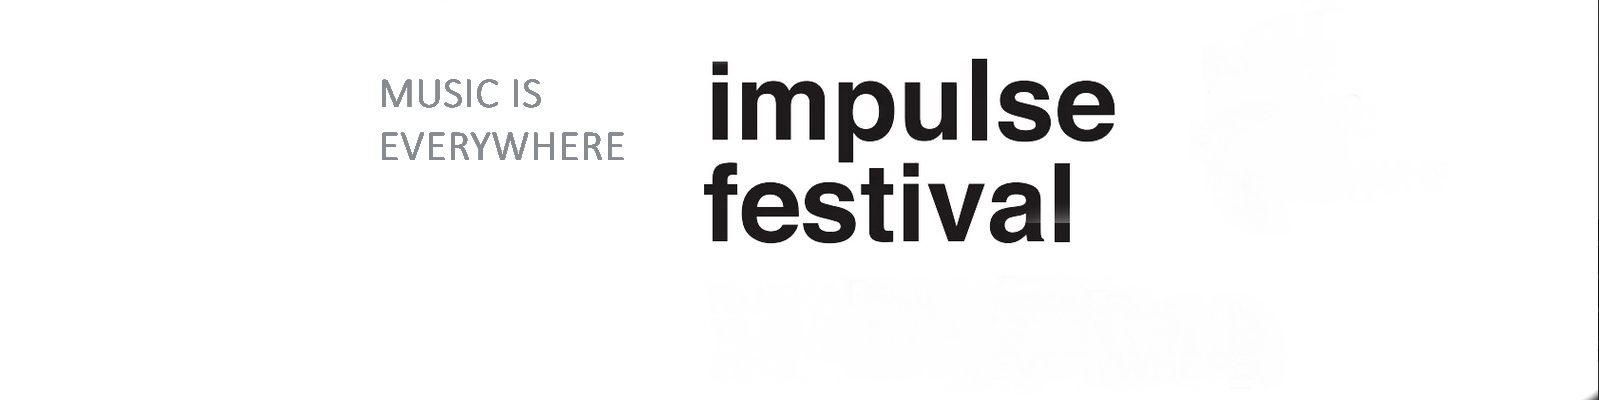 5. Impulse Festival